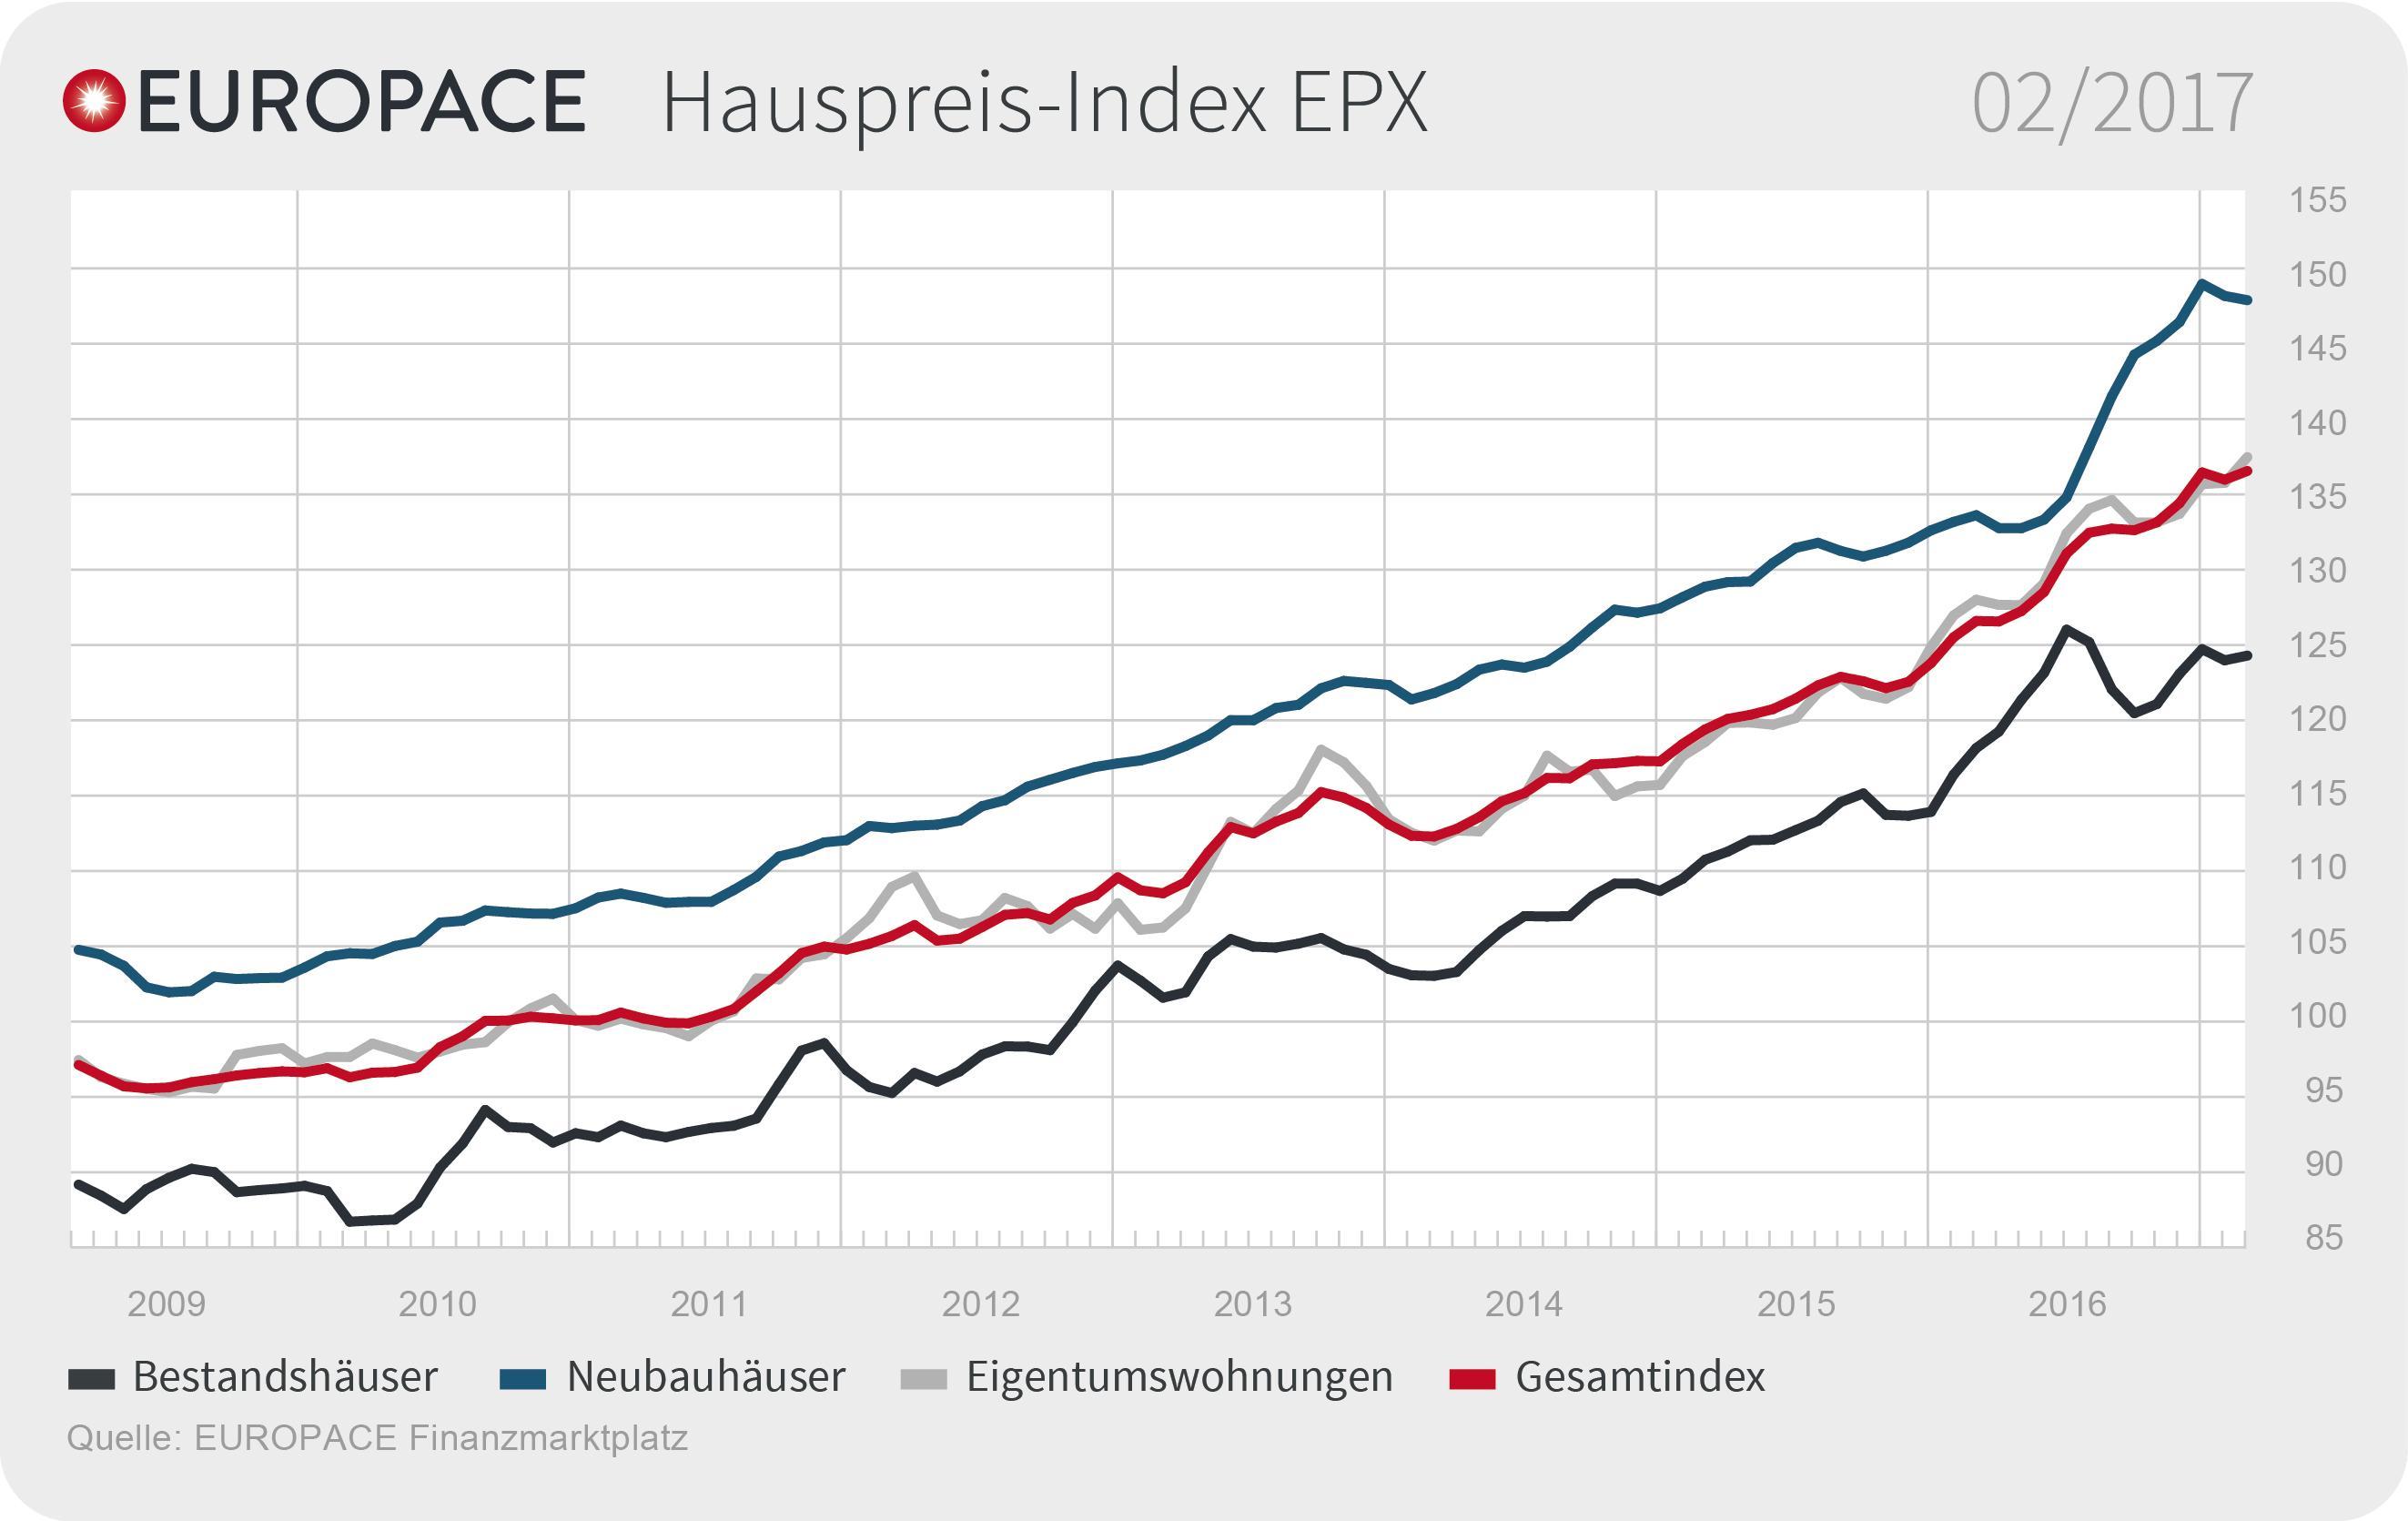 Epx Februar 2017 De in EPX: Immobilienpreise steigen wieder